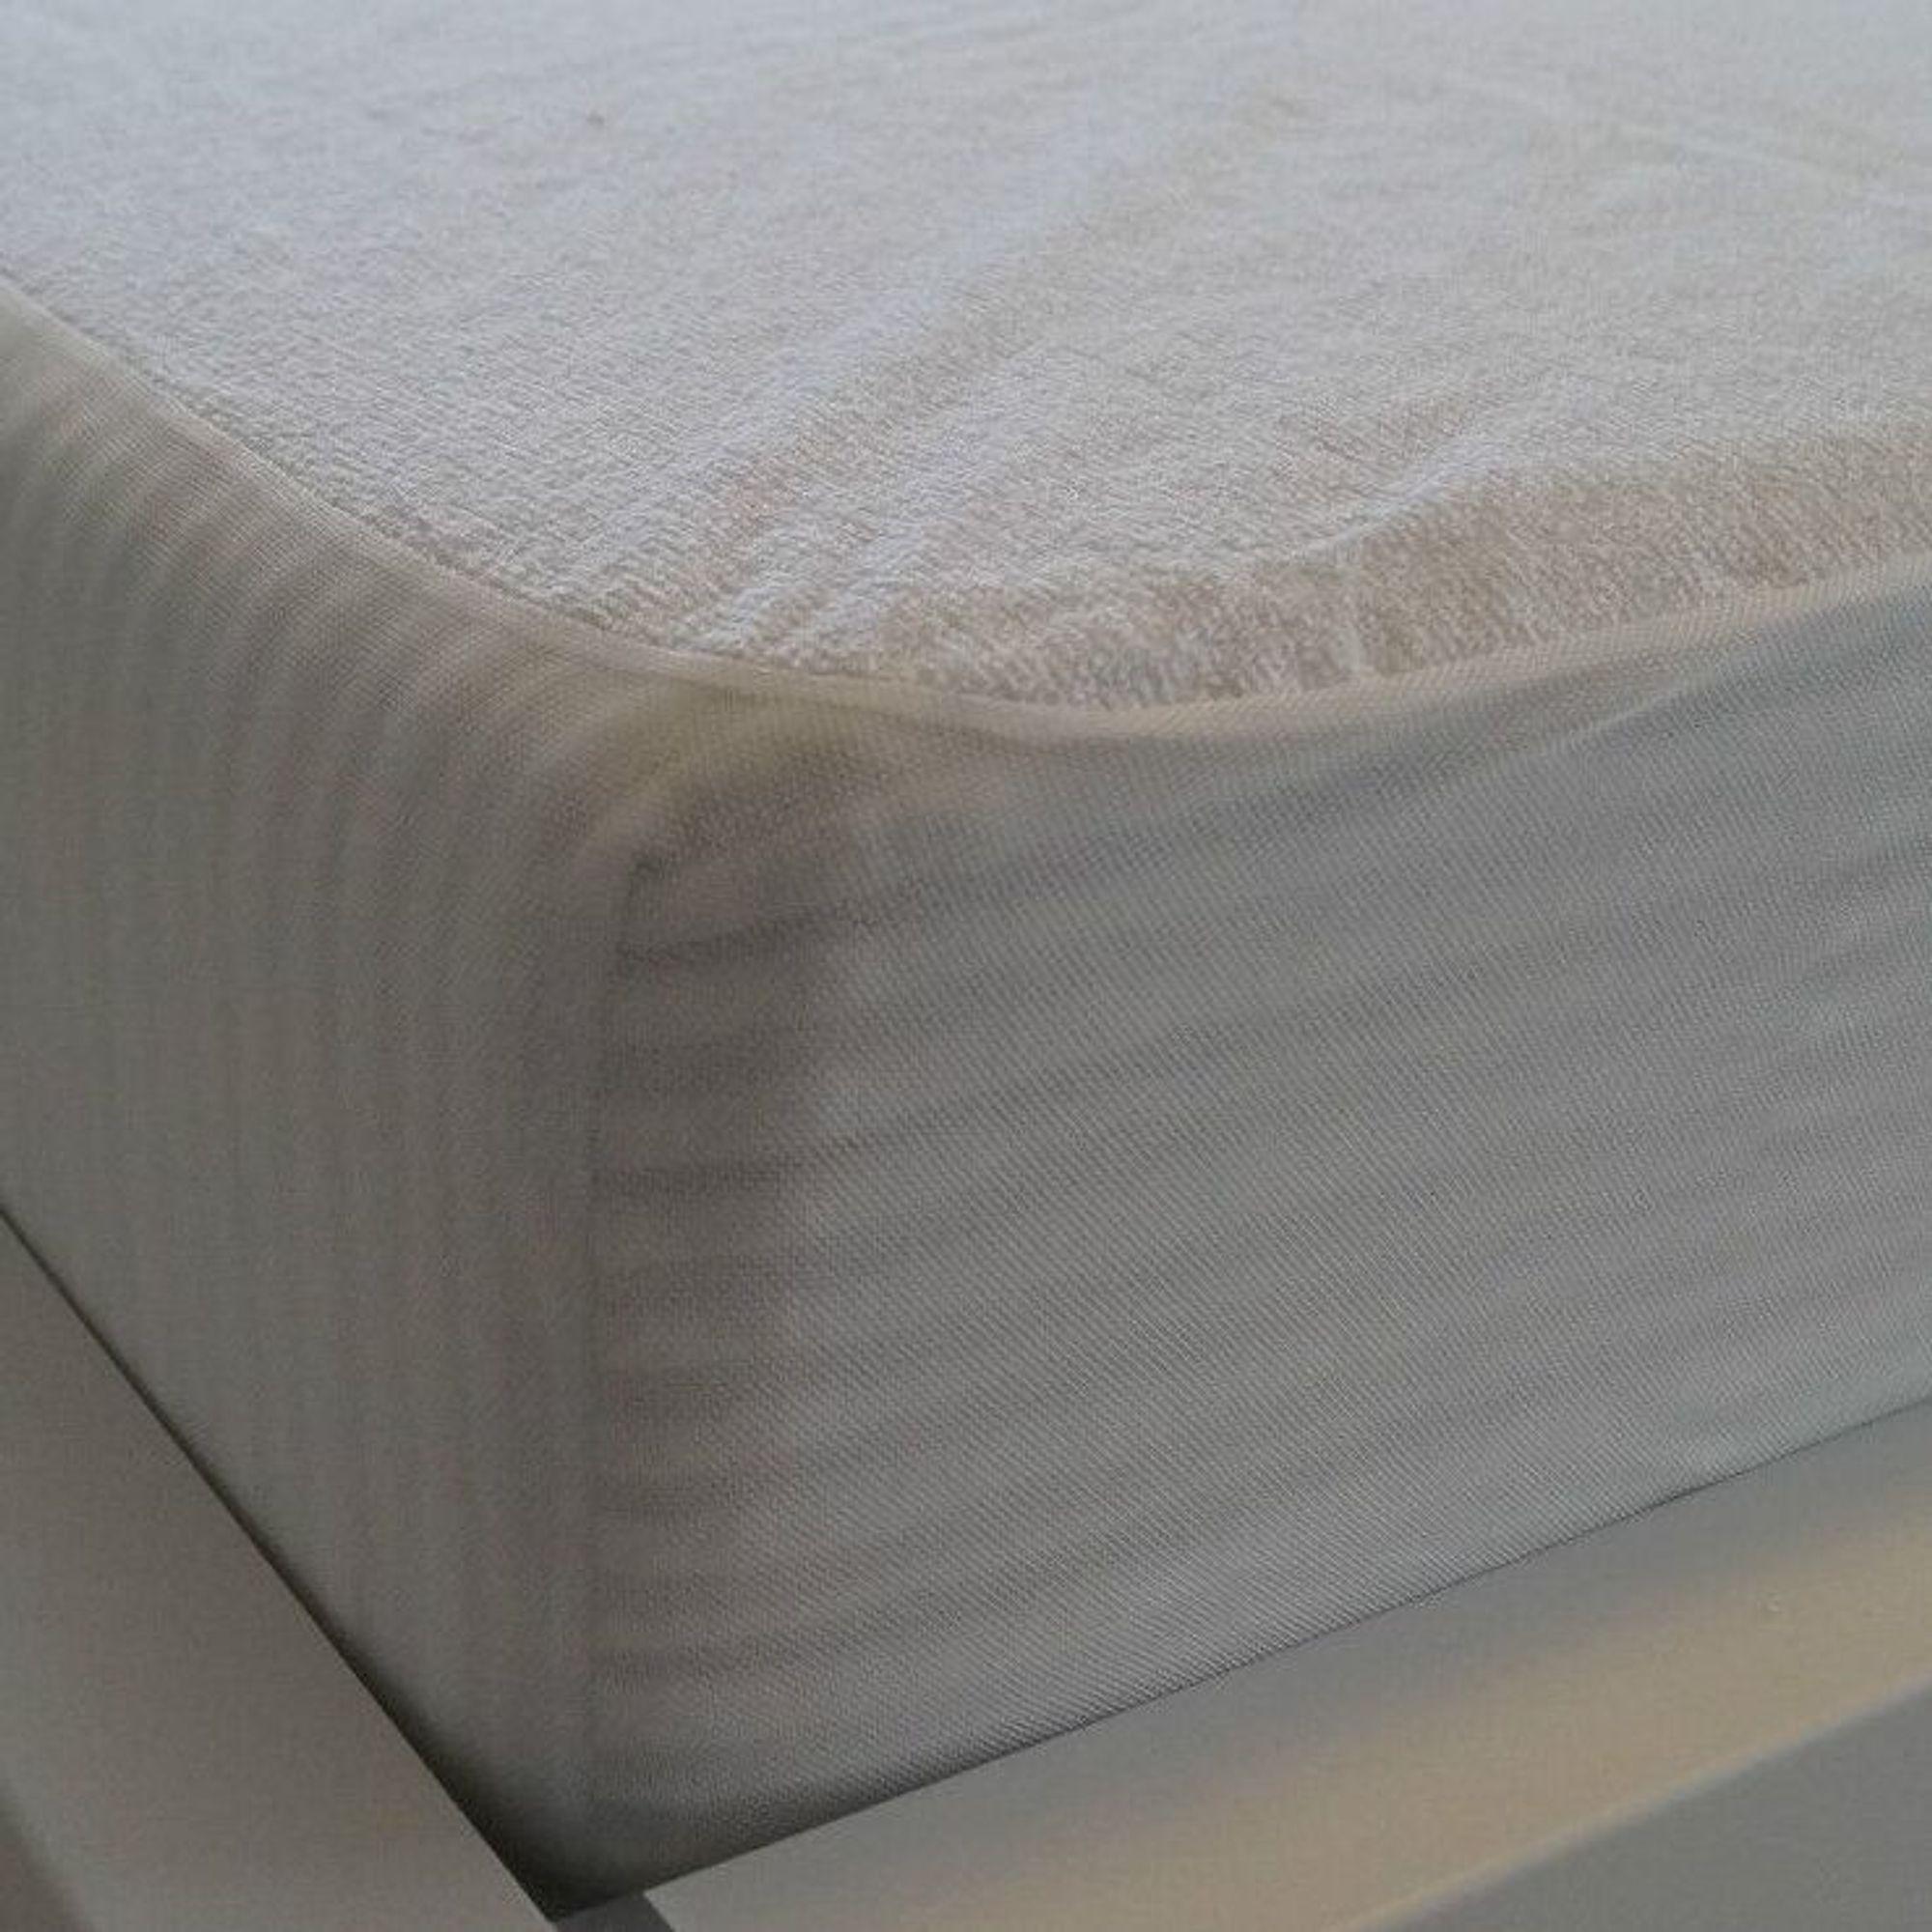 Indexbild 5 - Matratzenschoner Wasserdicht Matratzenschutz INKONTINENZ Betteinlage Schutzbezug